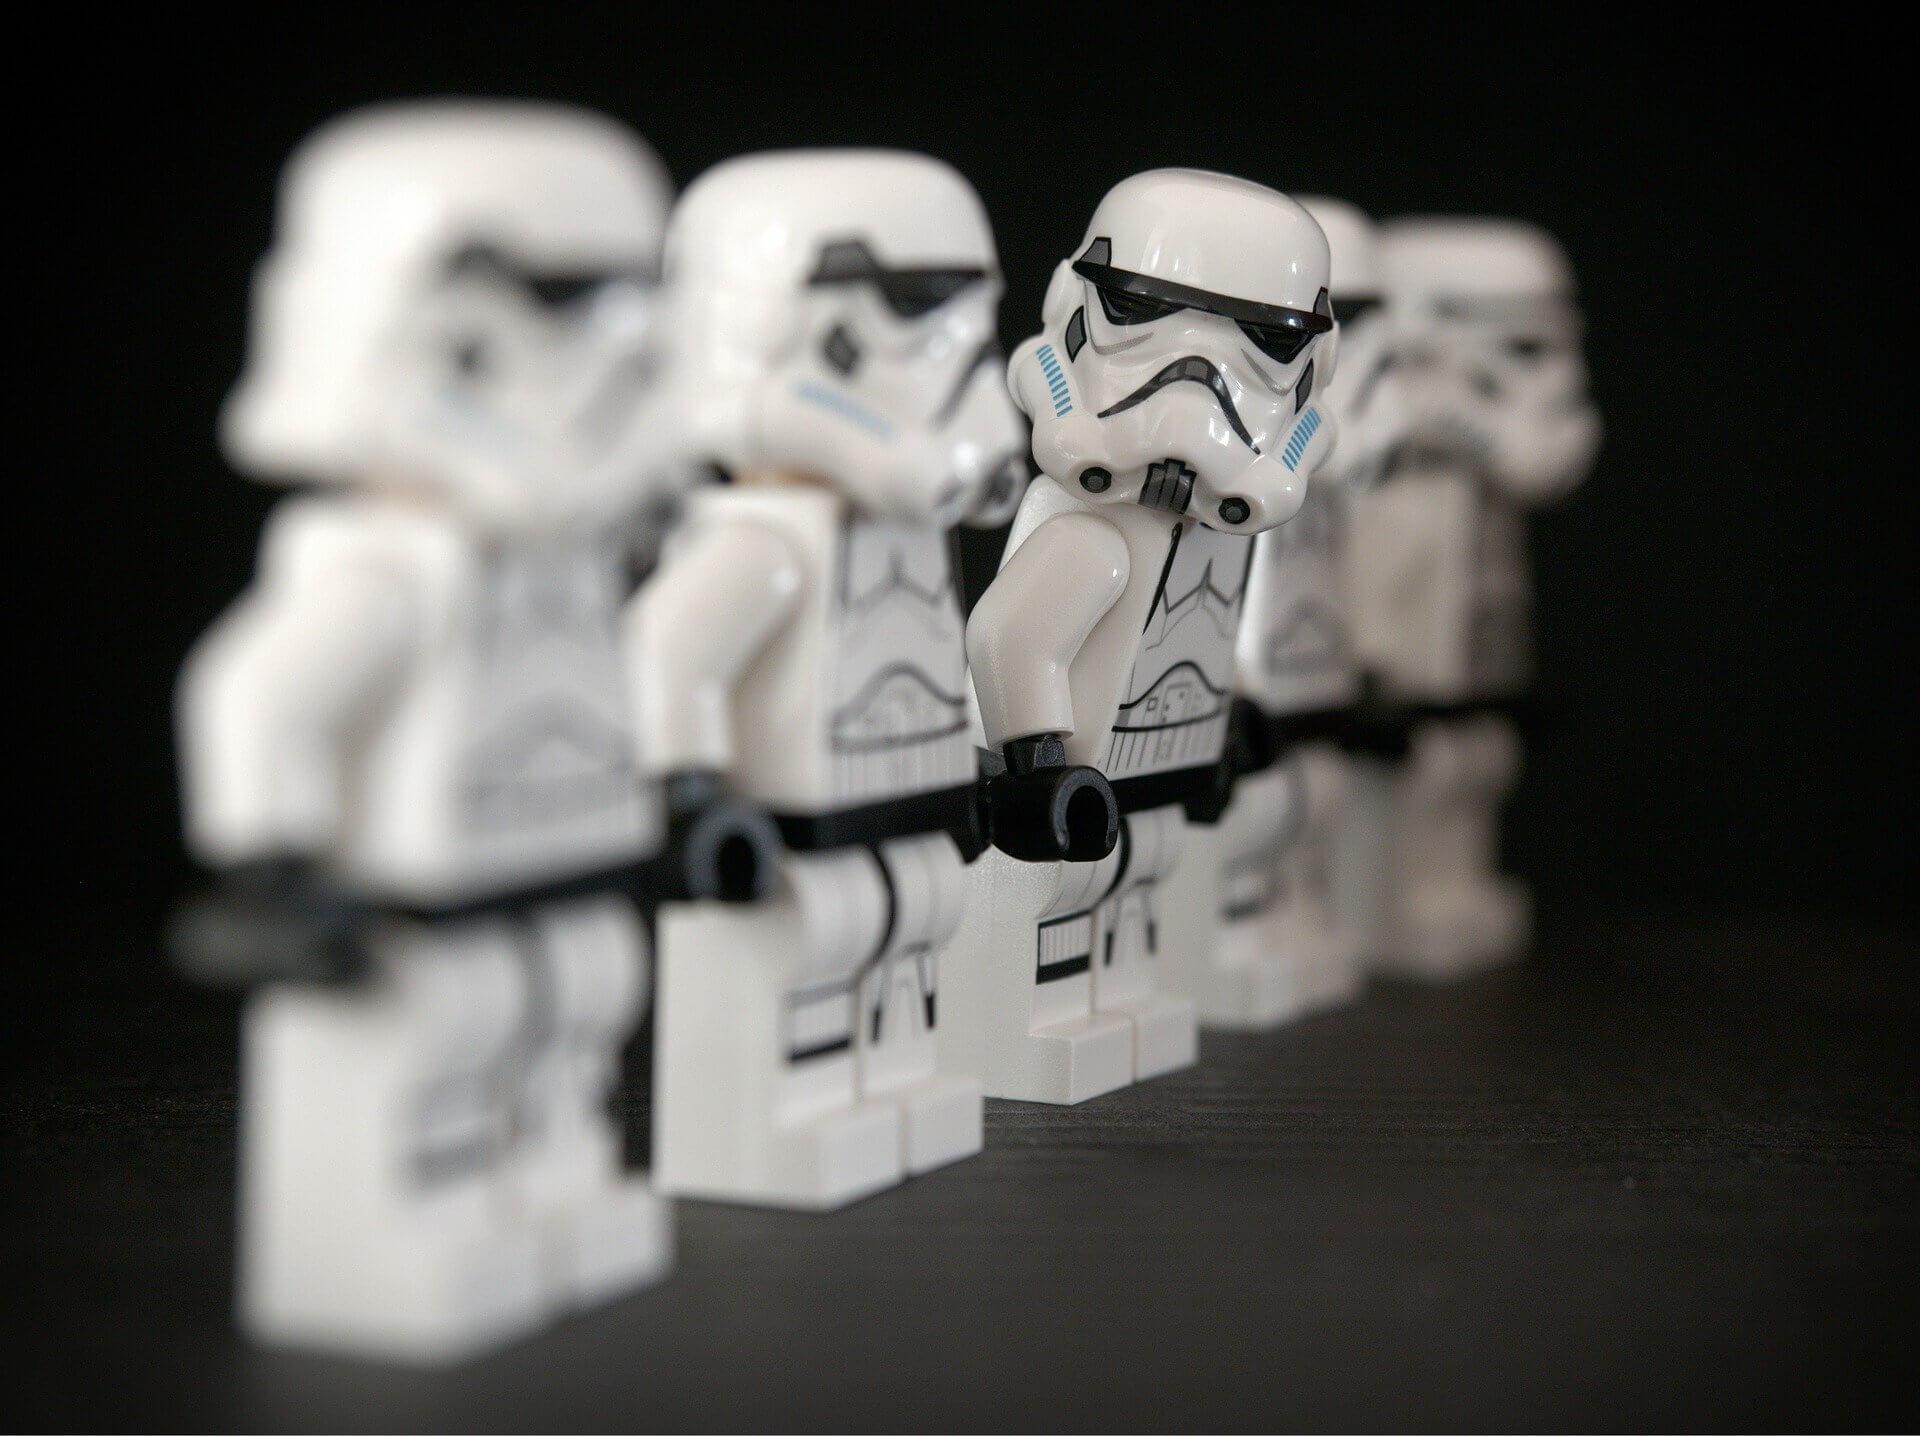 lego star wars-gallery